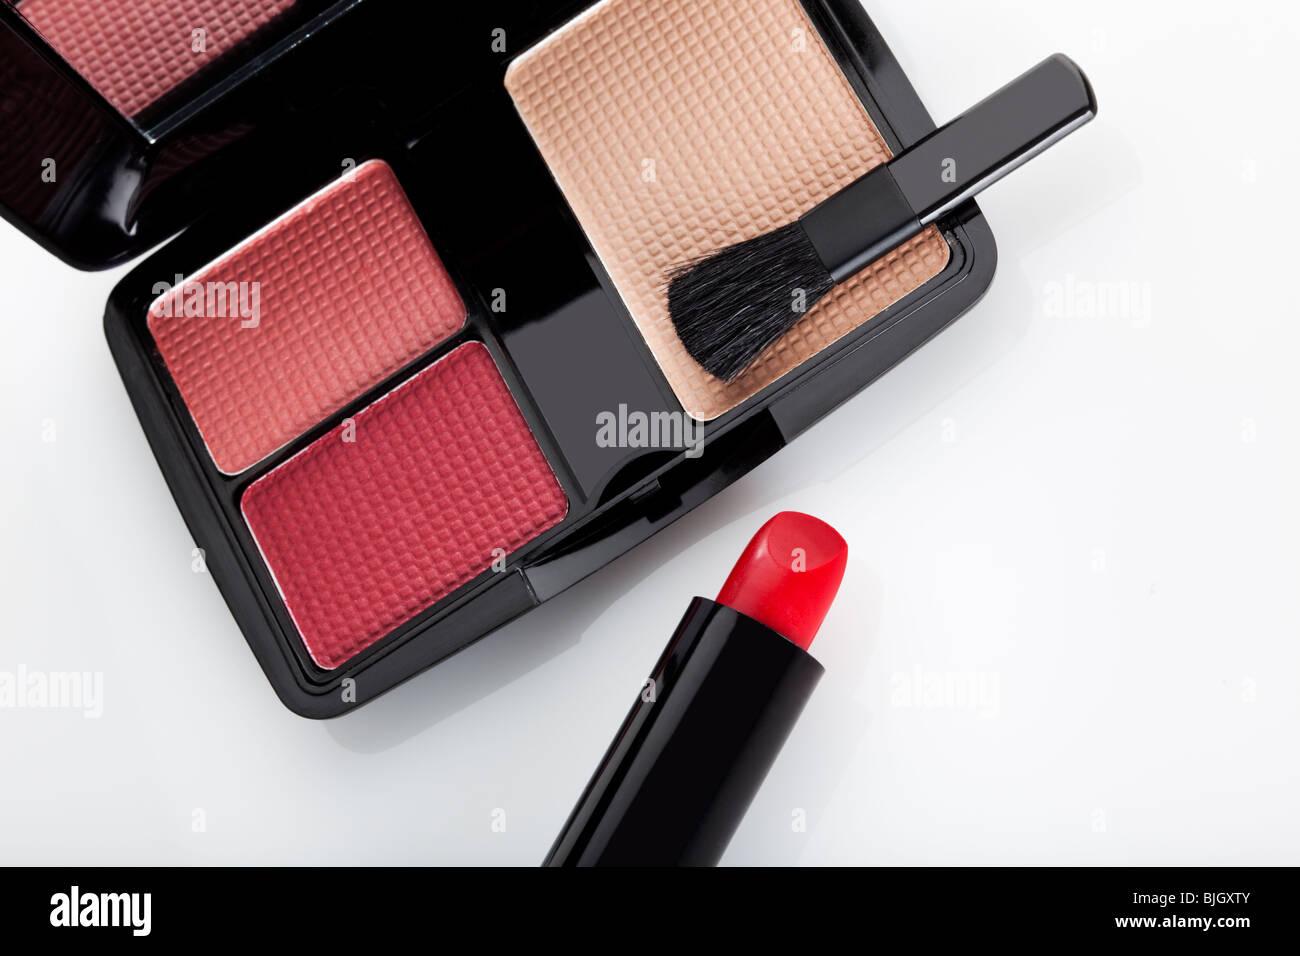 Nahaufnahme von Make up Koffer mit Pinsel und roten Lippenstift Stockbild